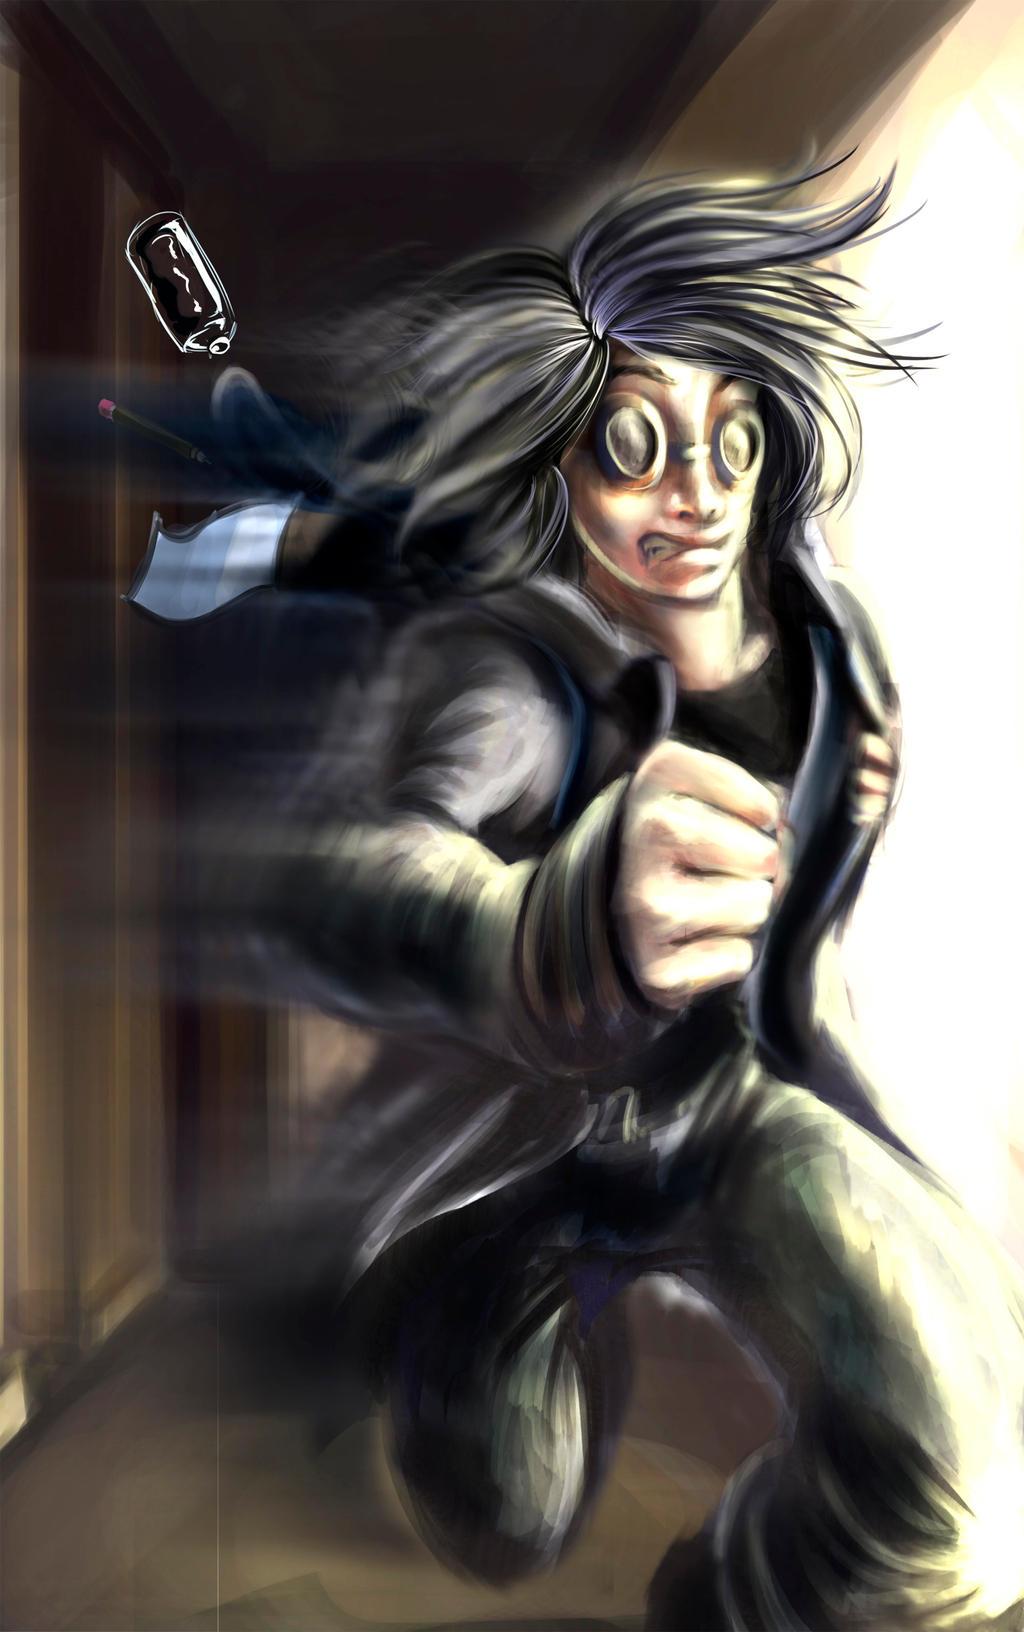 Quicksilver on the marvel universe deviantart - Quicksilver wallpaper marvel ...